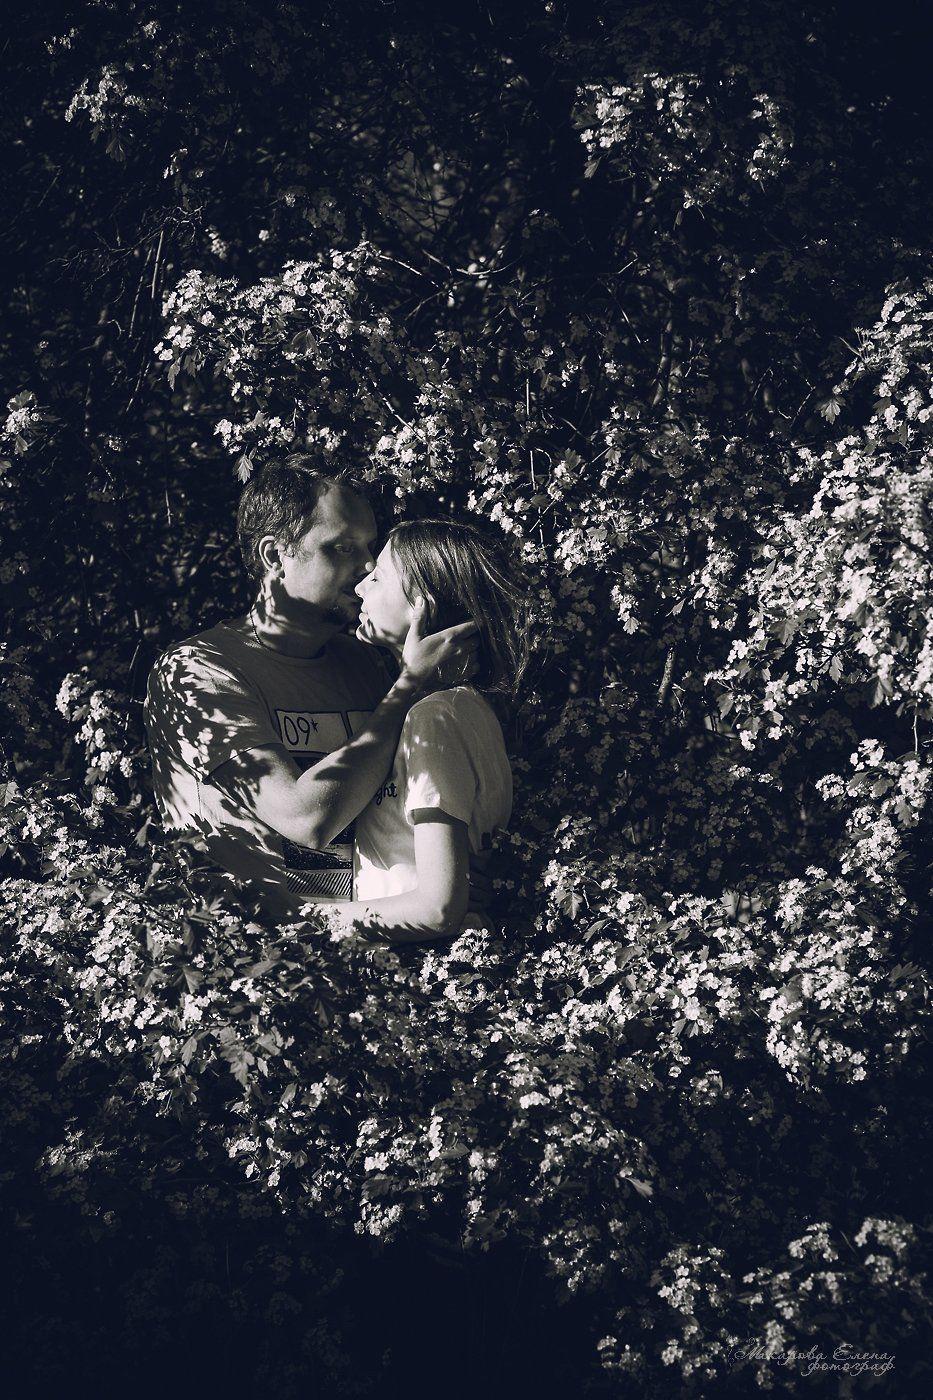 поцелуй, пара, love, kiss, sunlight, blossom, Макарова Елена